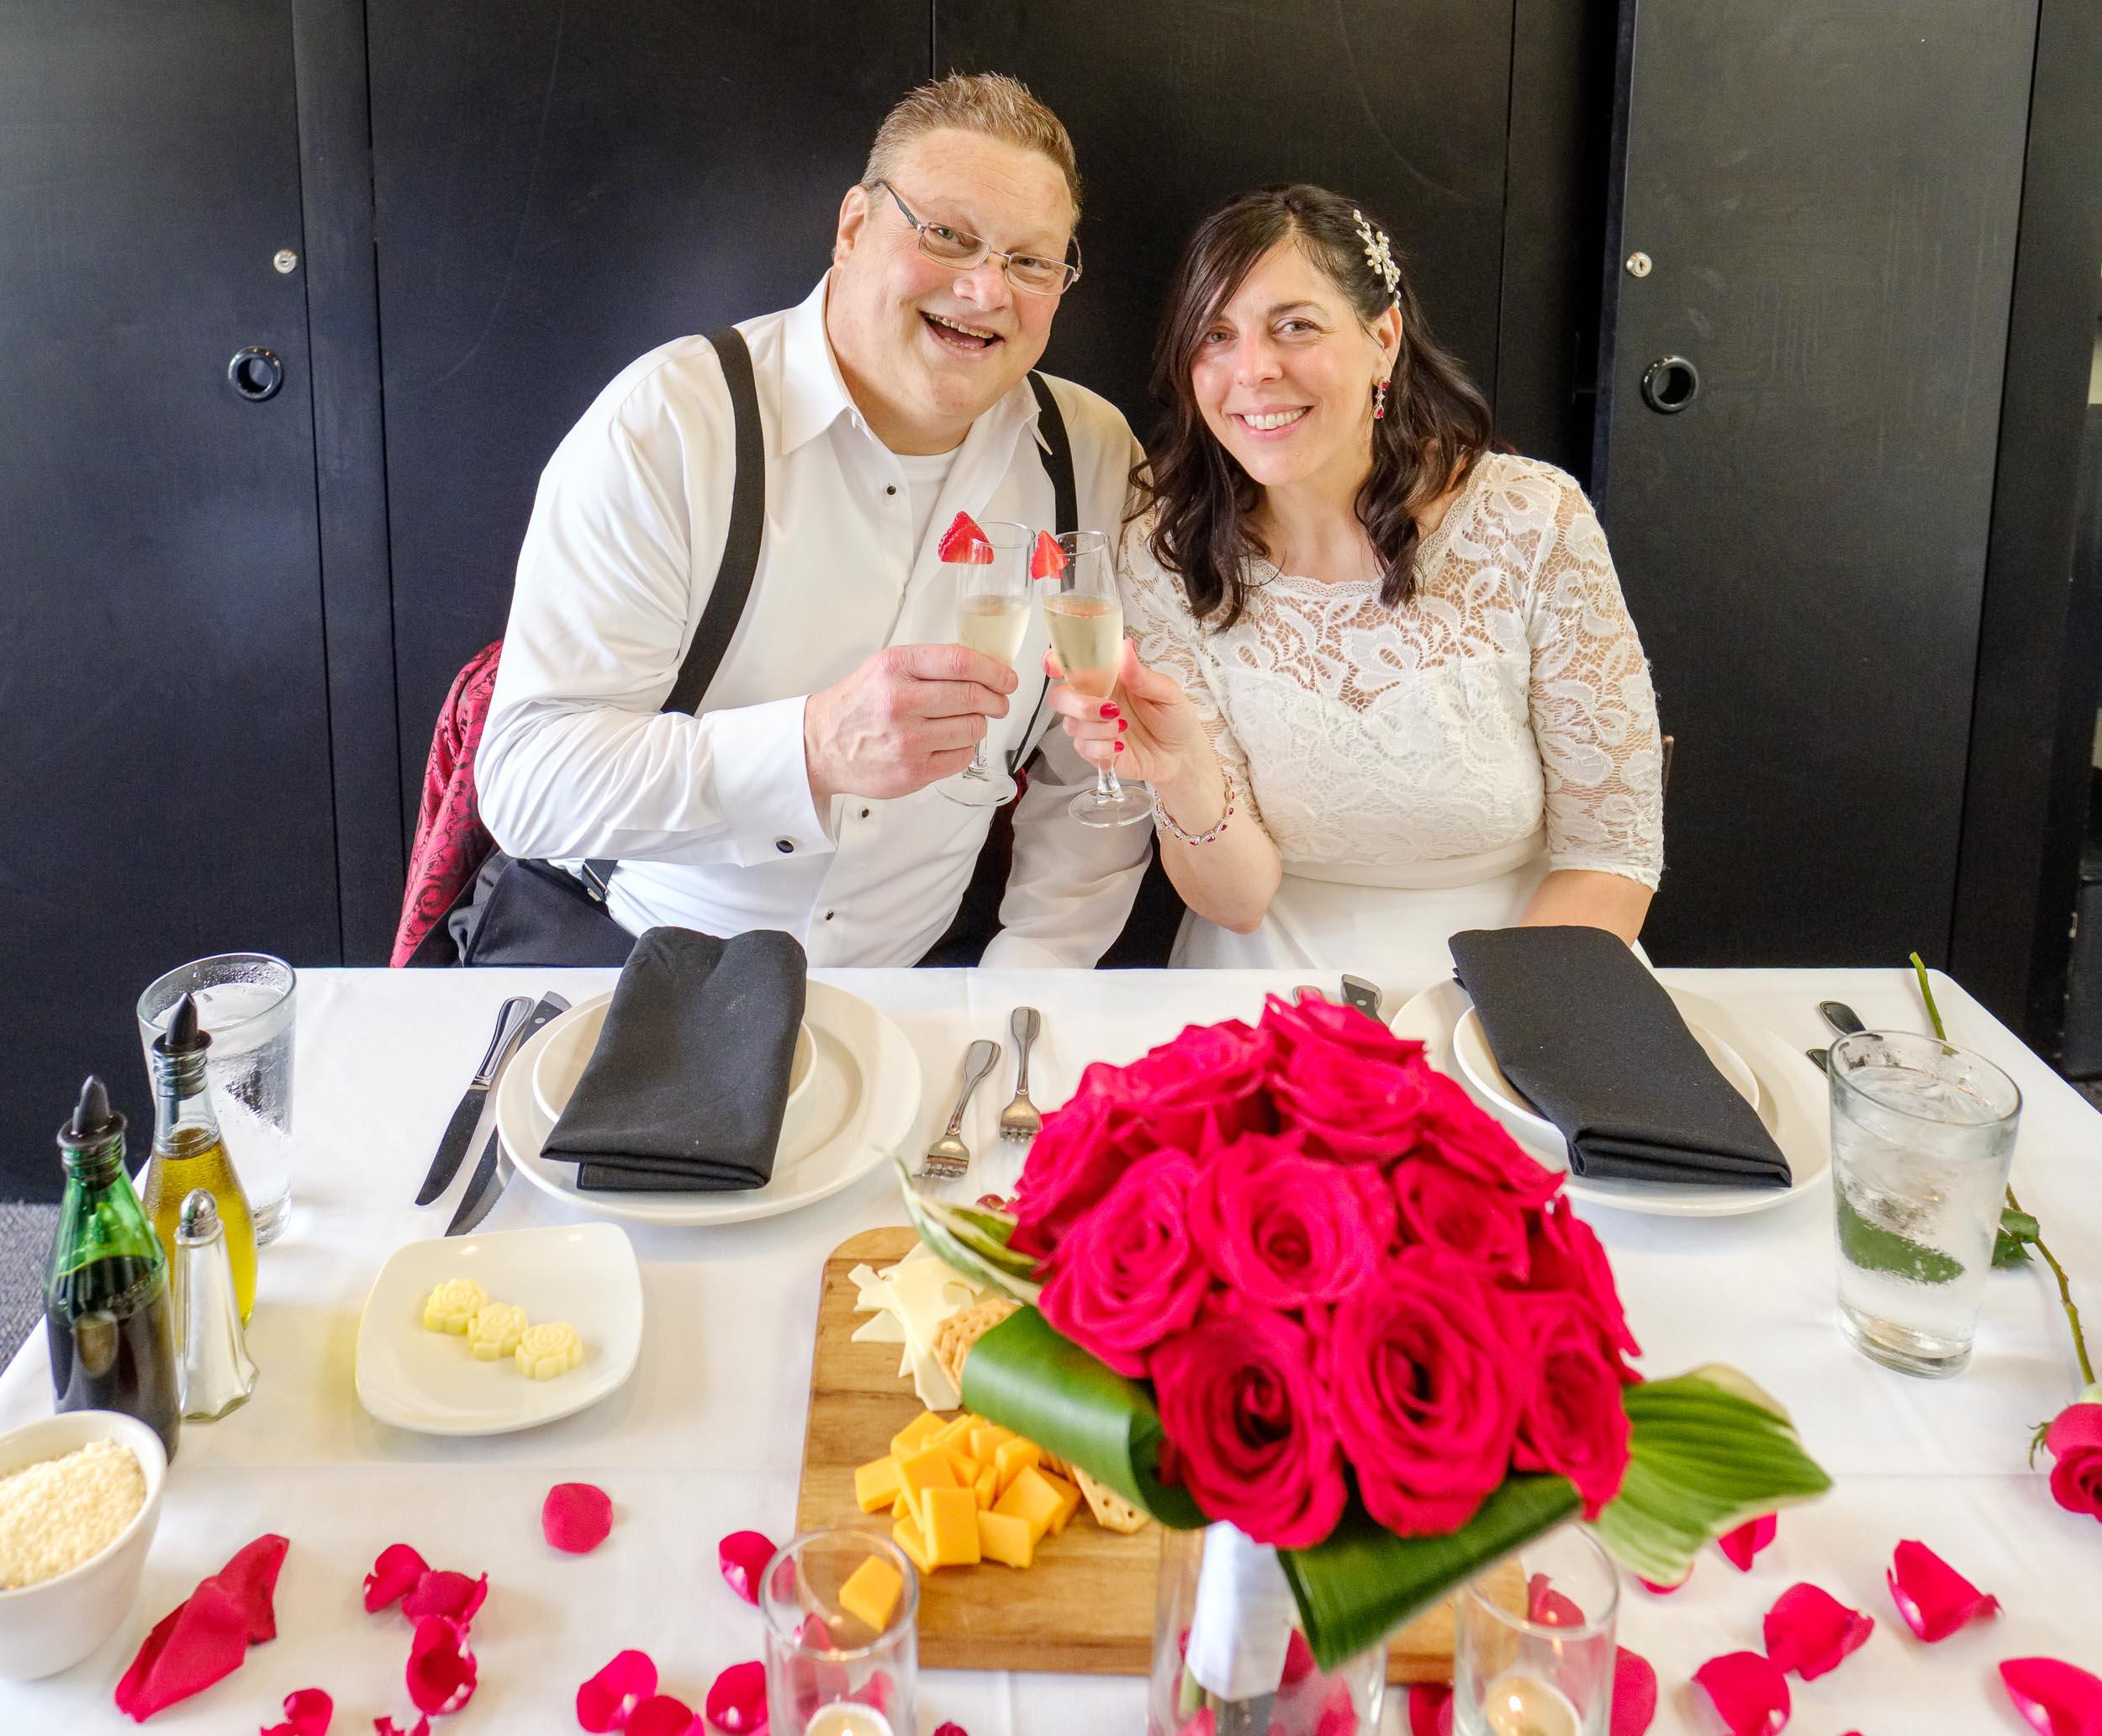 schmidt_wedding-1249.jpg